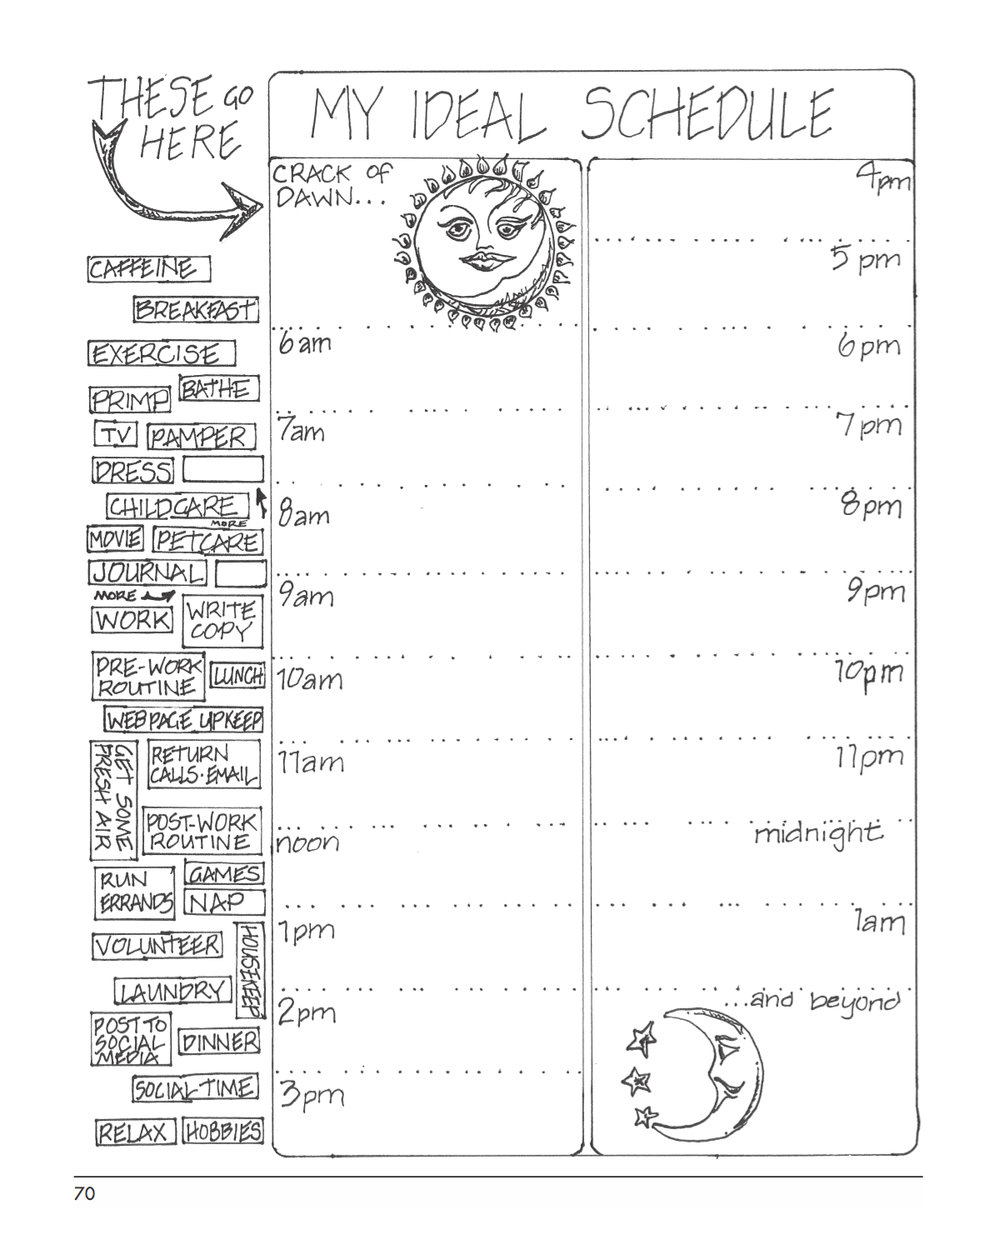 Ideal Schedule.jpg